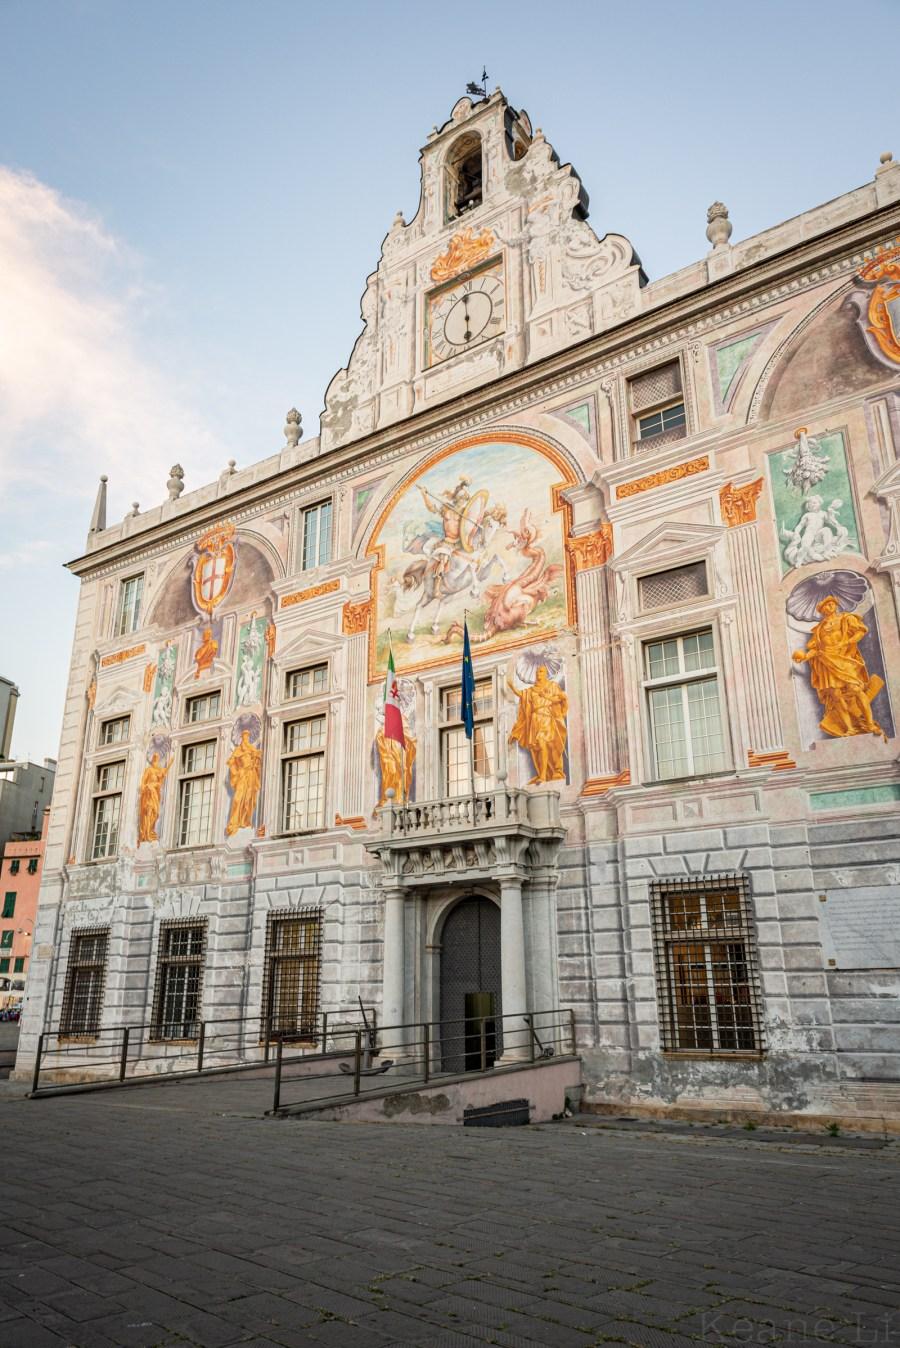 Palazzo San Giorgio in Genoa